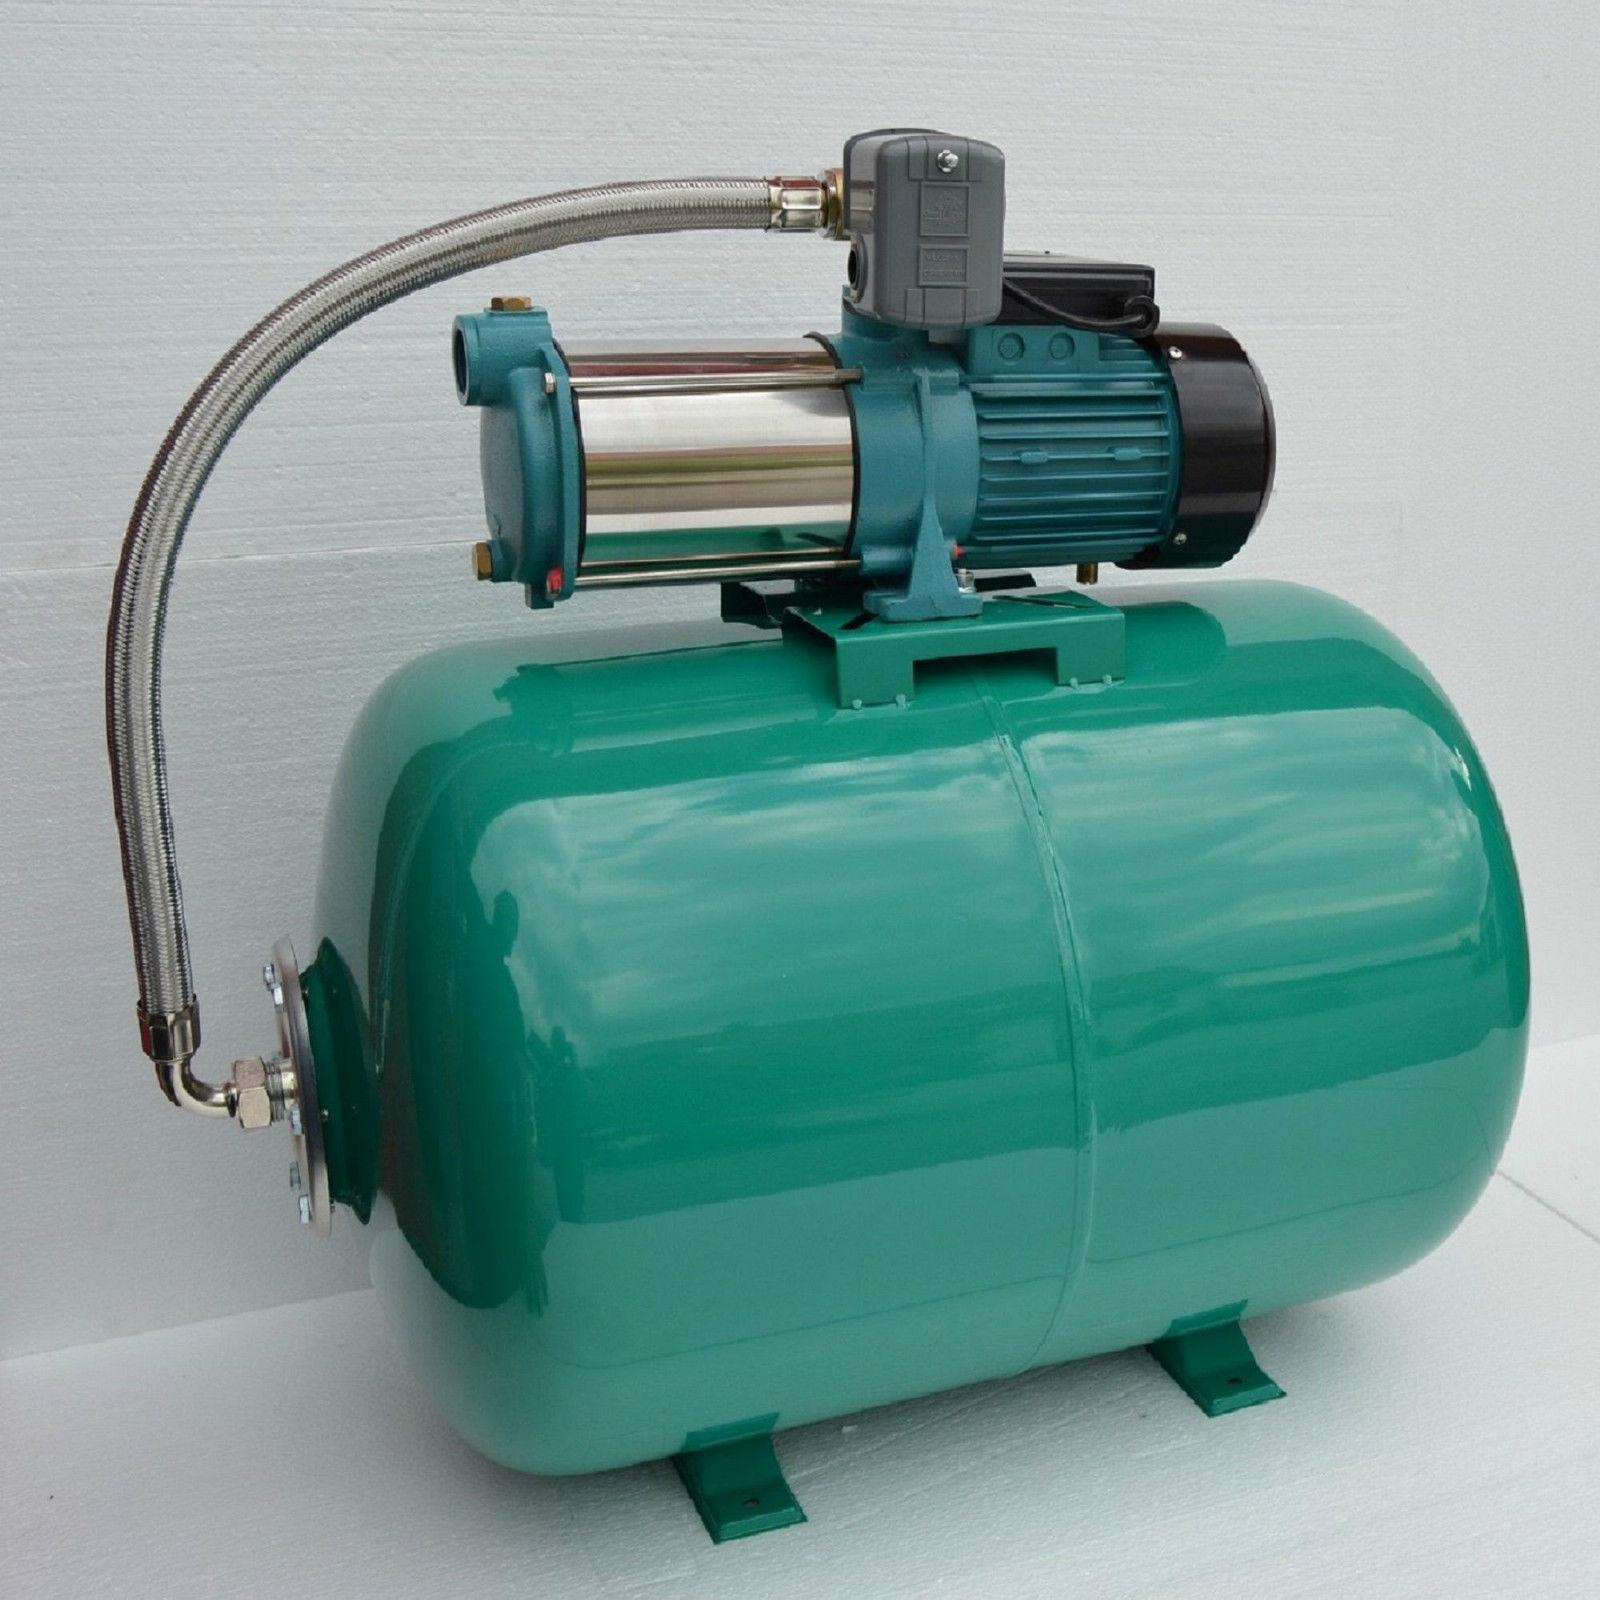 100 l hauswasserwerk pumpe 1300 inox edelstahl hauswasserautomat